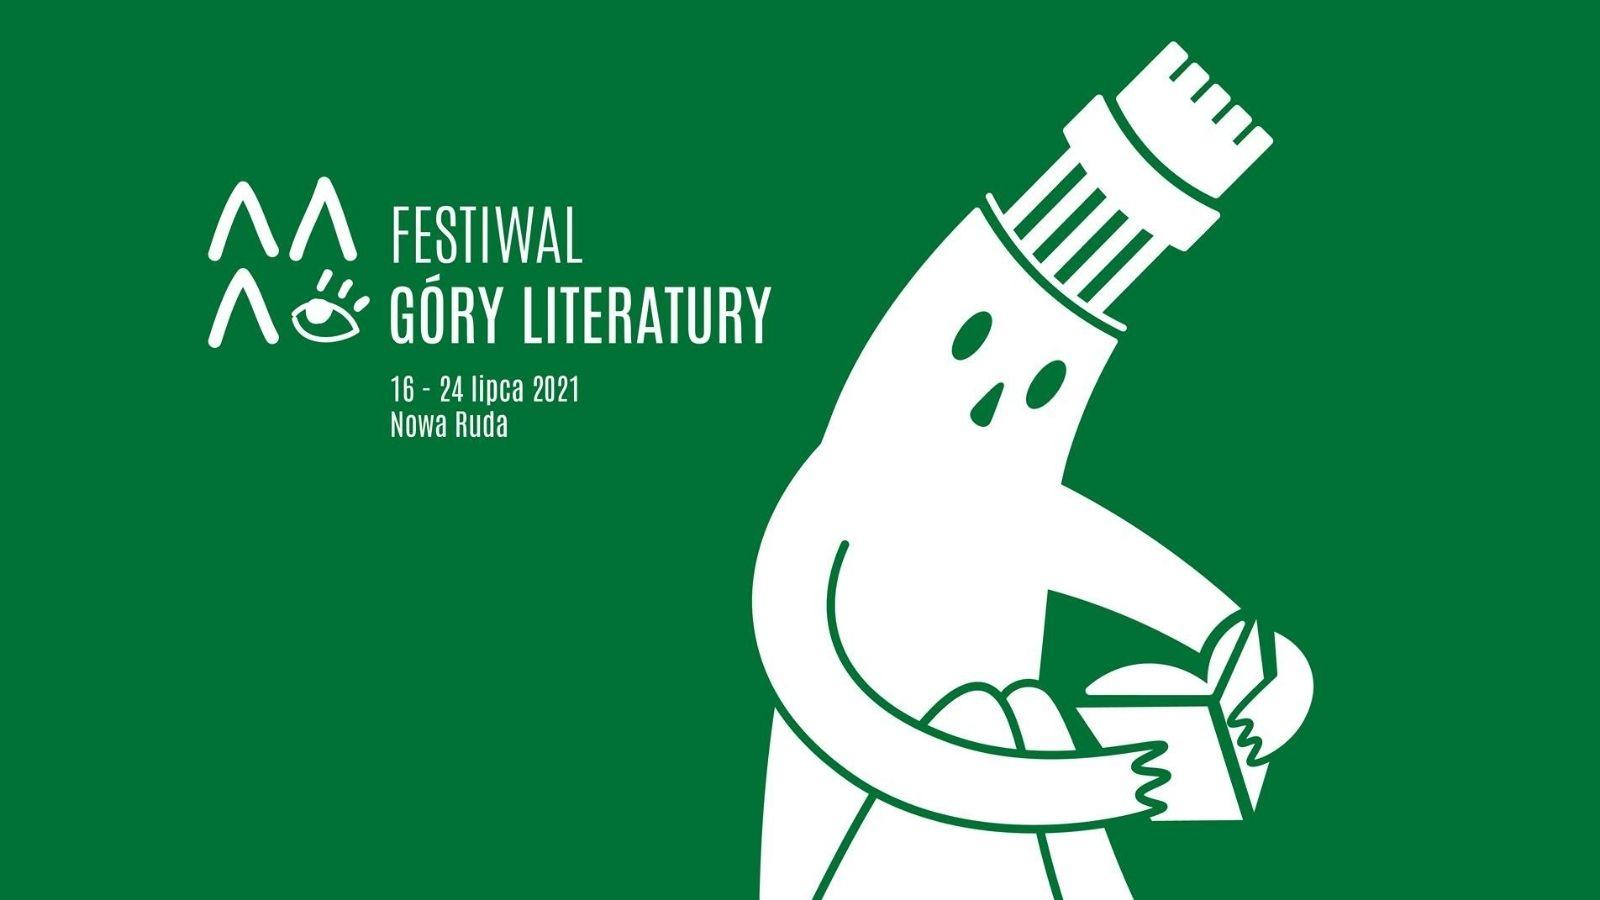 Festiwal Góry Literatury 2021